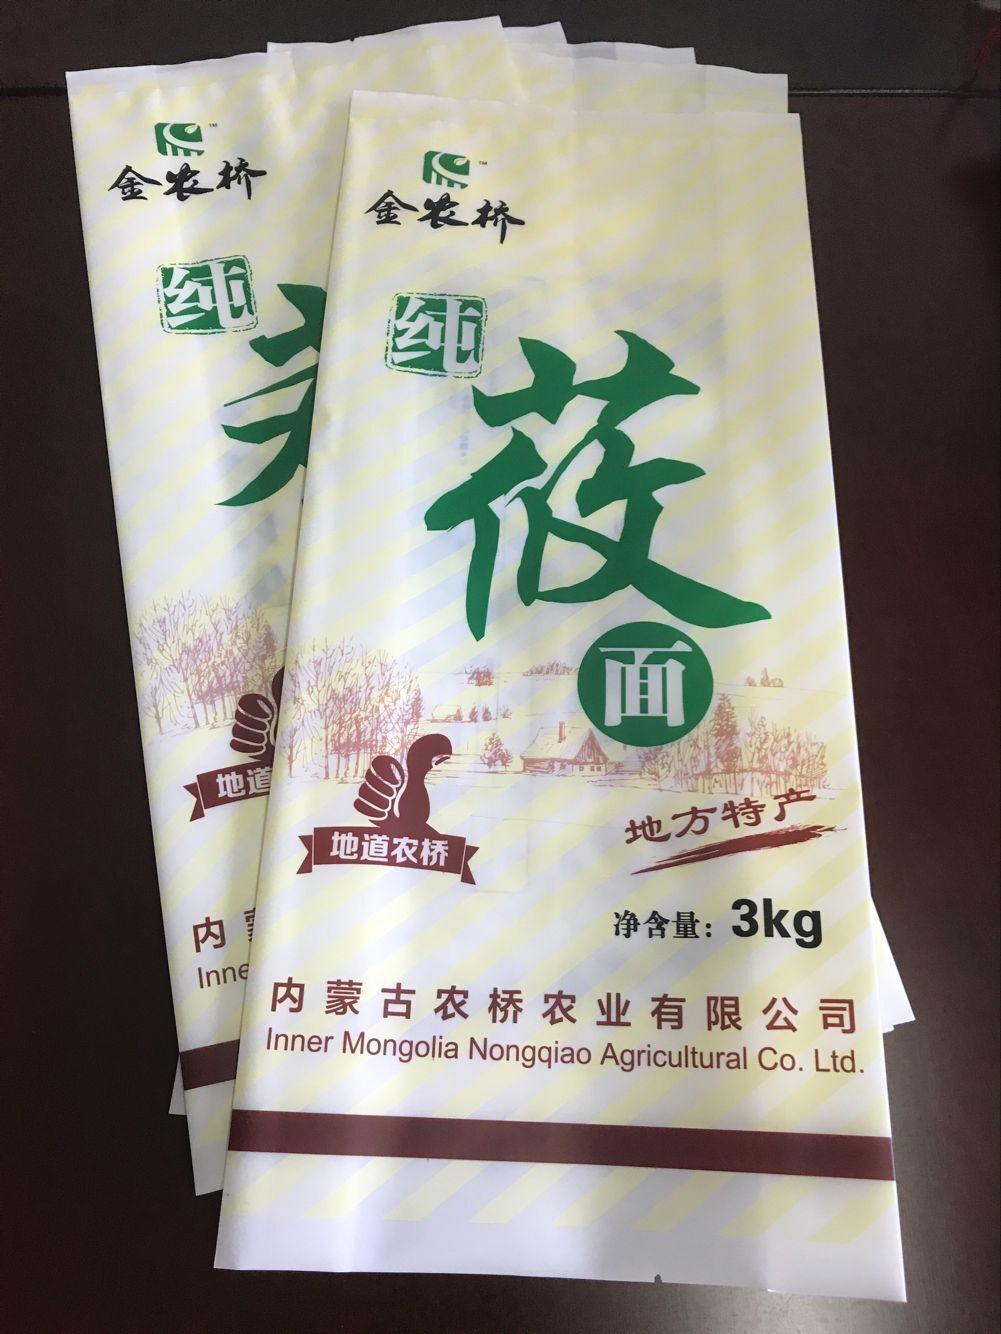 山西通用面粉包装袋定制 莜麦粉包装袋 定制印刷 多彩多样